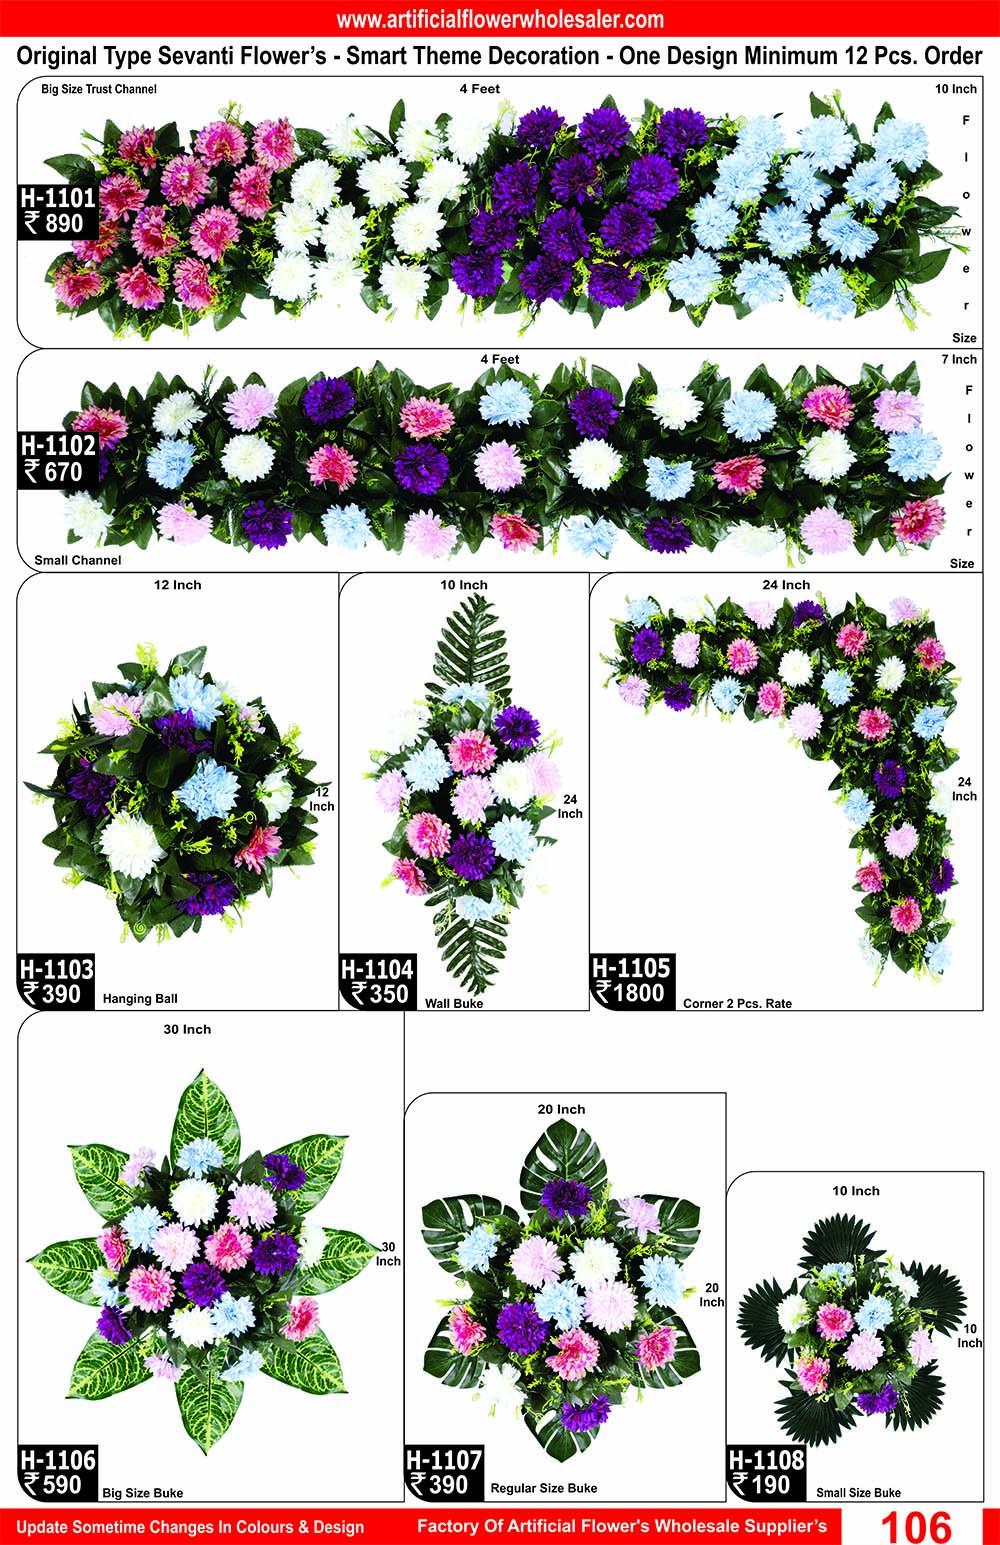 106-artificial-flower-wholesaler